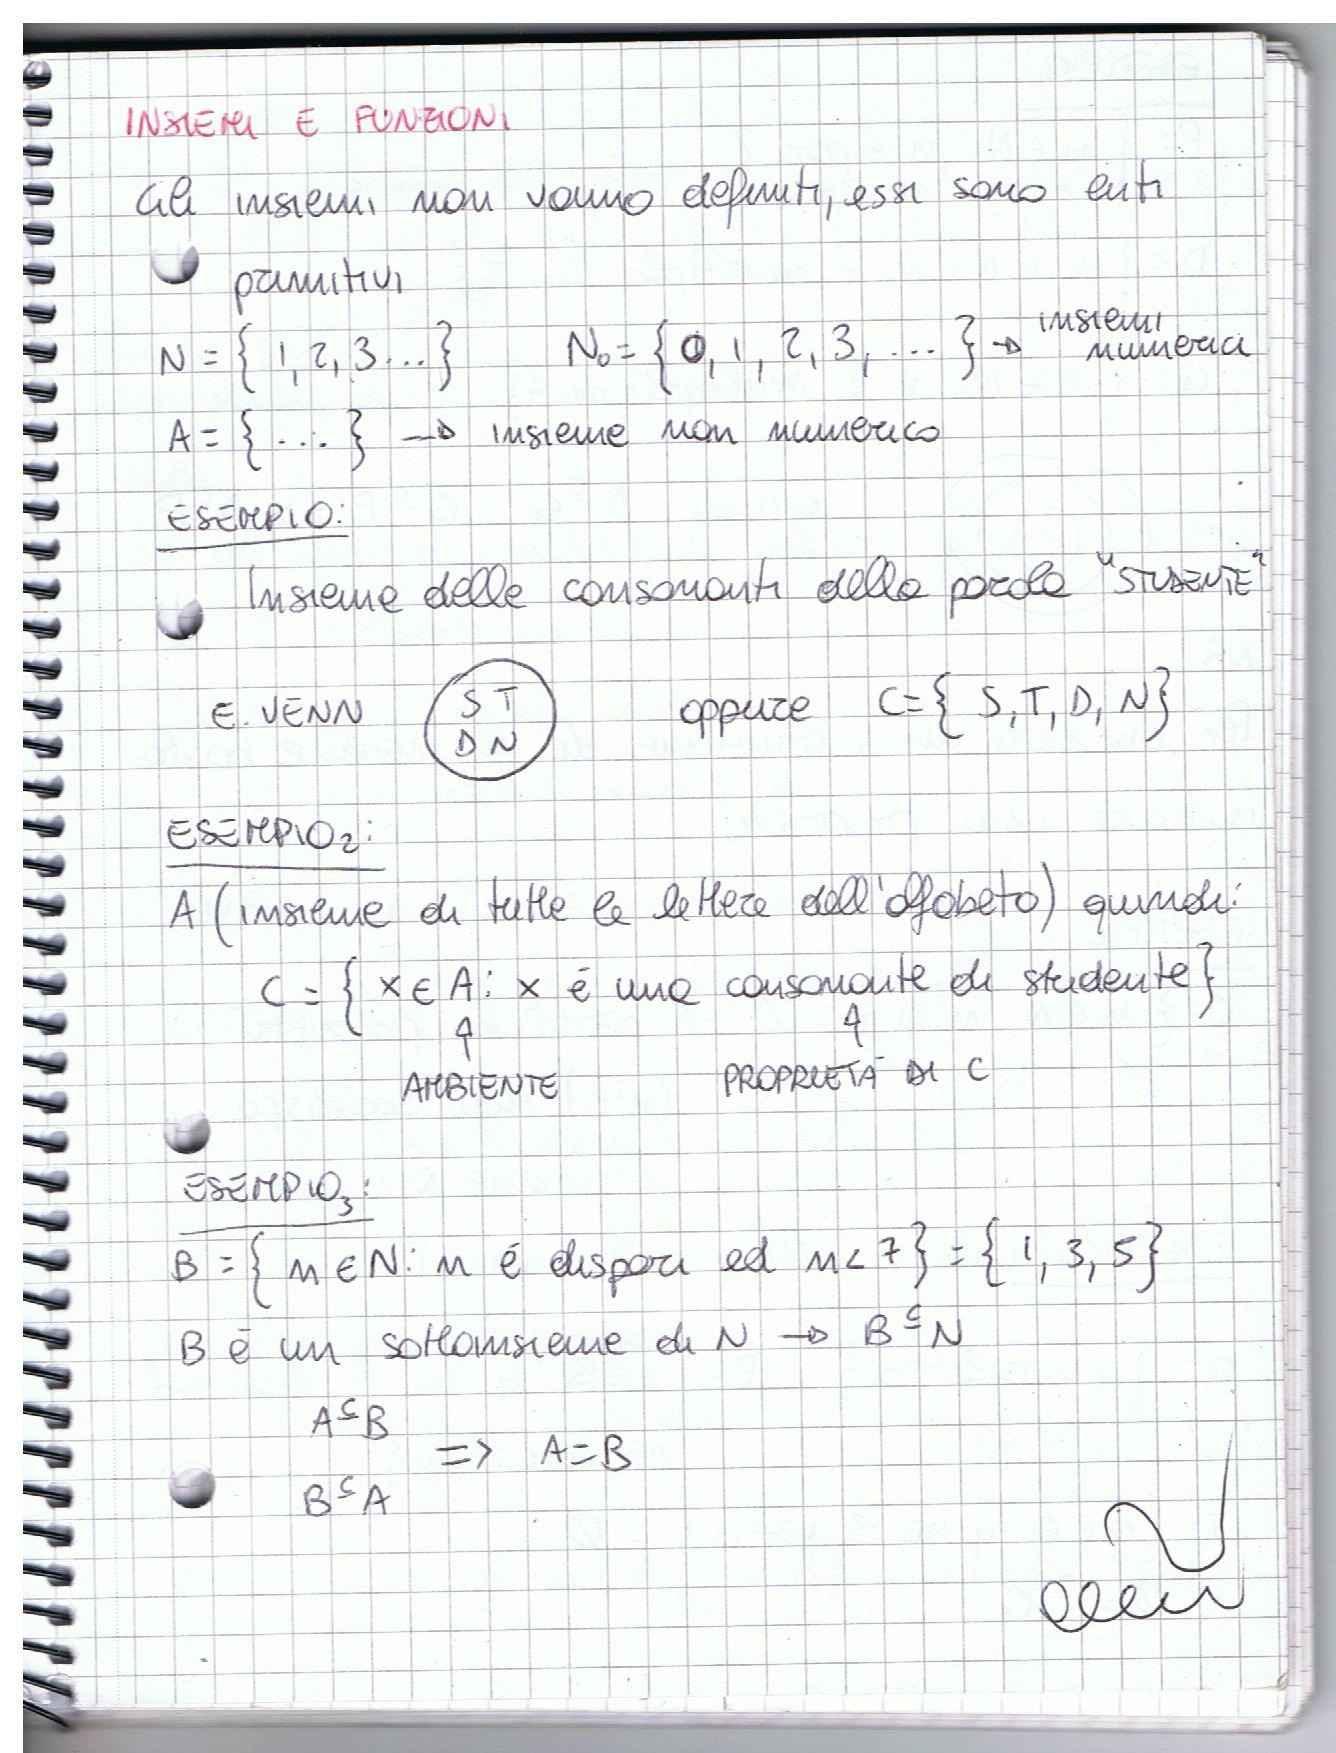 Metodi matematici per l'economia - Appunti